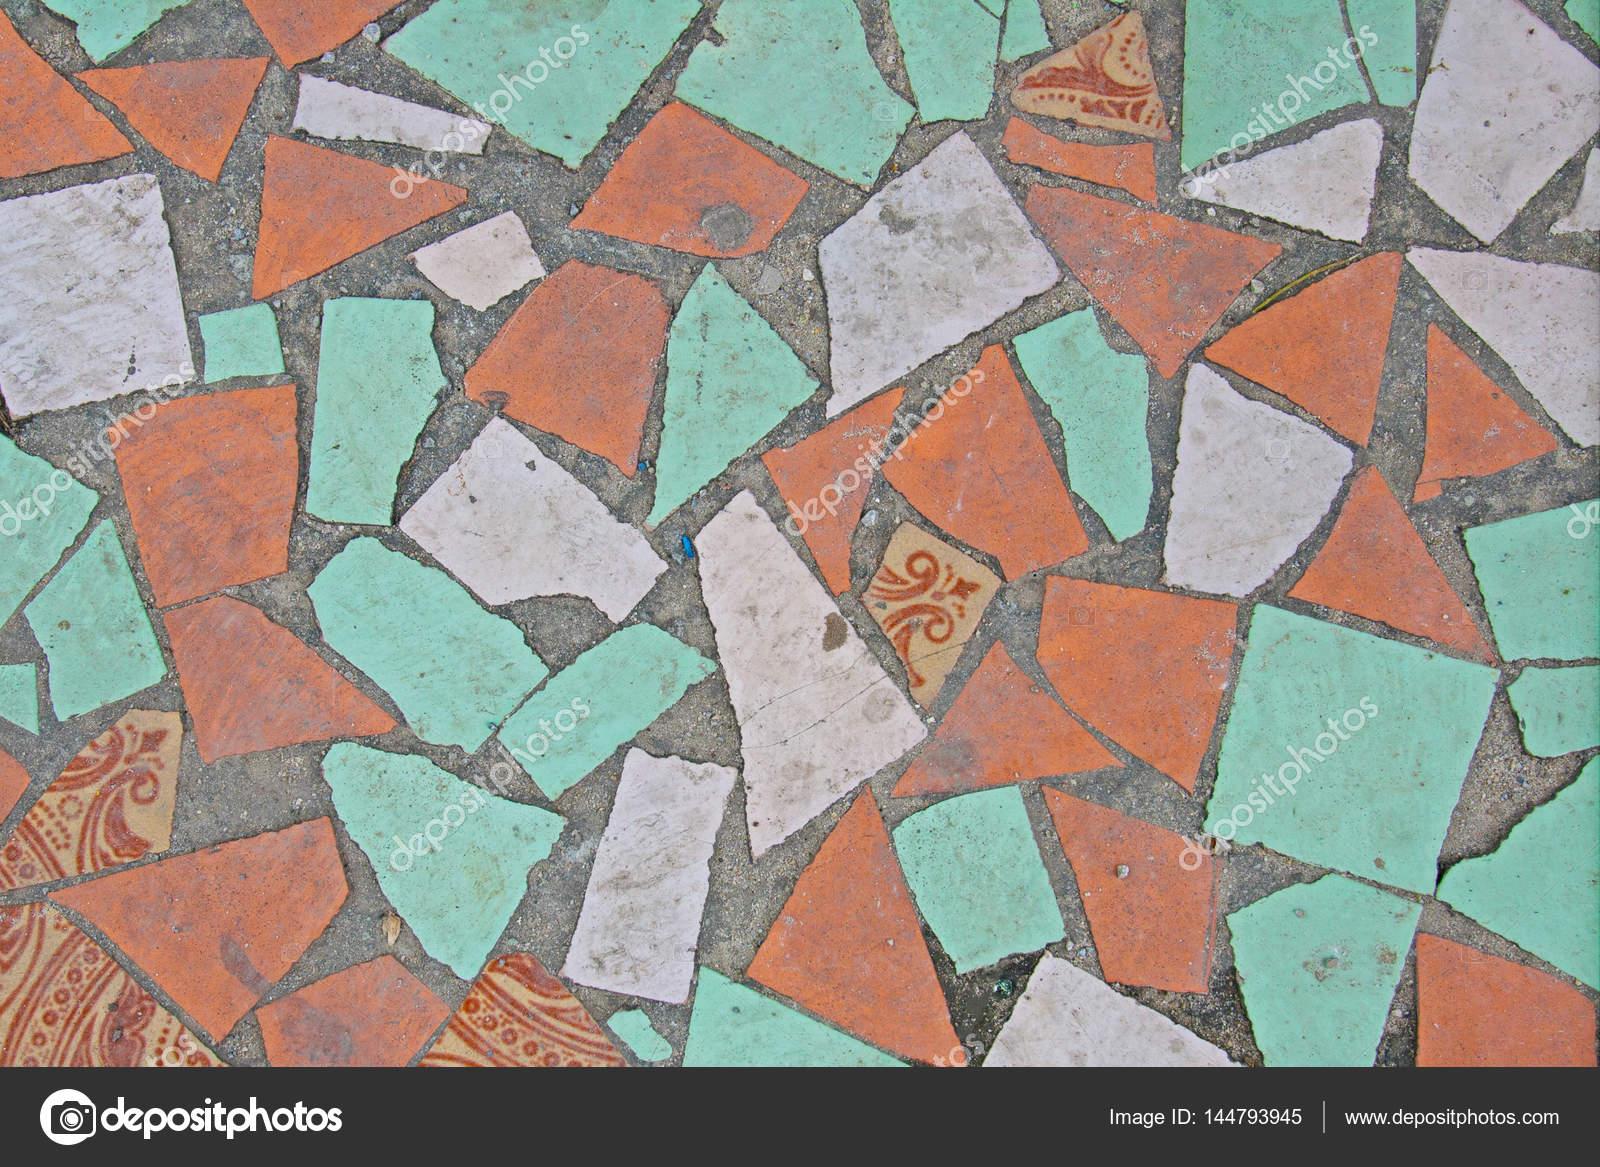 Vecchio astratto texture o sfondo colorato mosaico sul pavimento